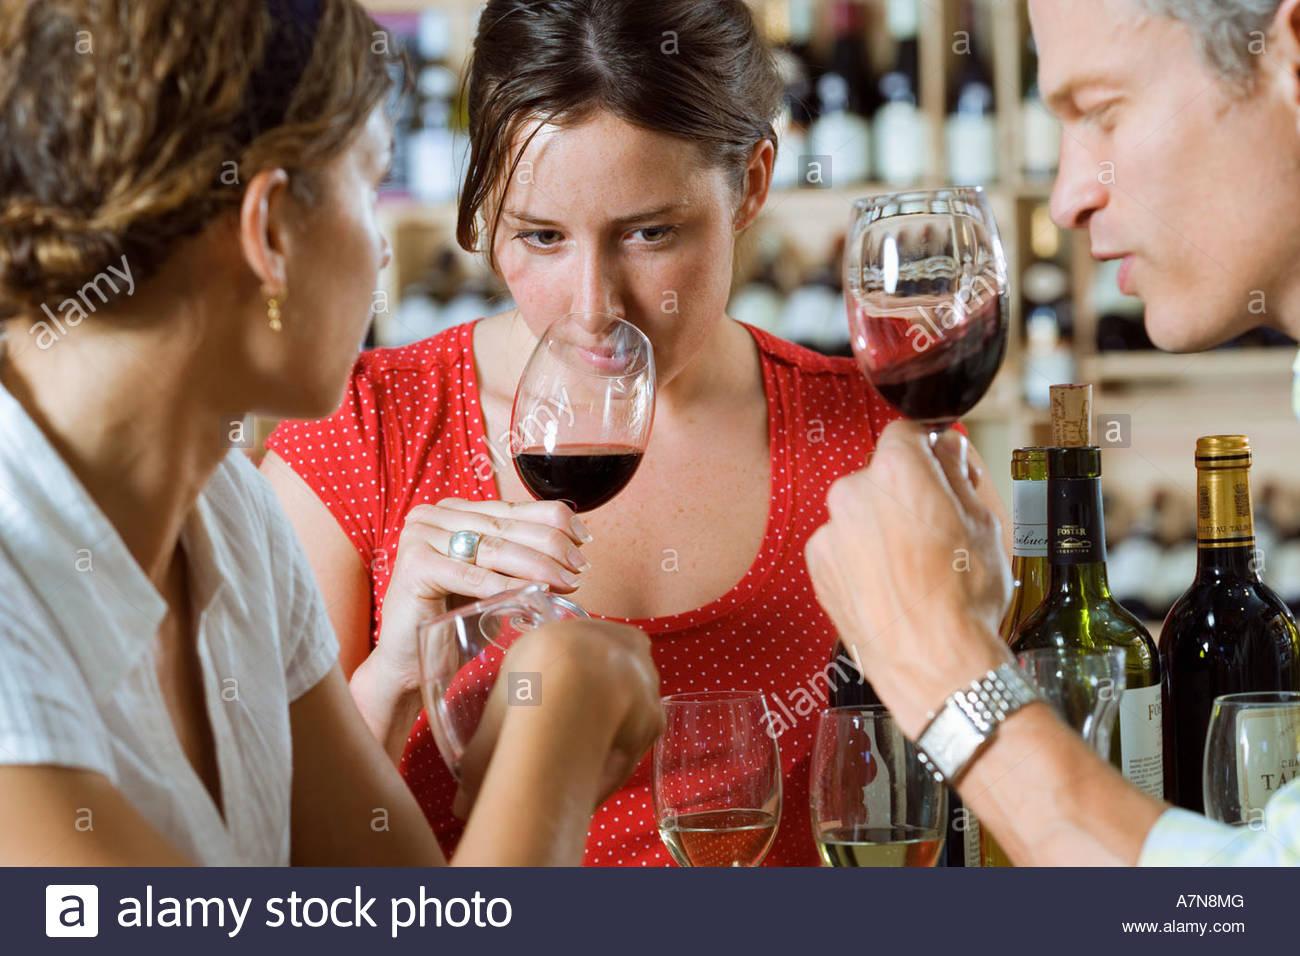 Freunde-Weinprobe in aus Lizenz Frau riechen Glas Rot Wein differenzielle Fokus Stockbild